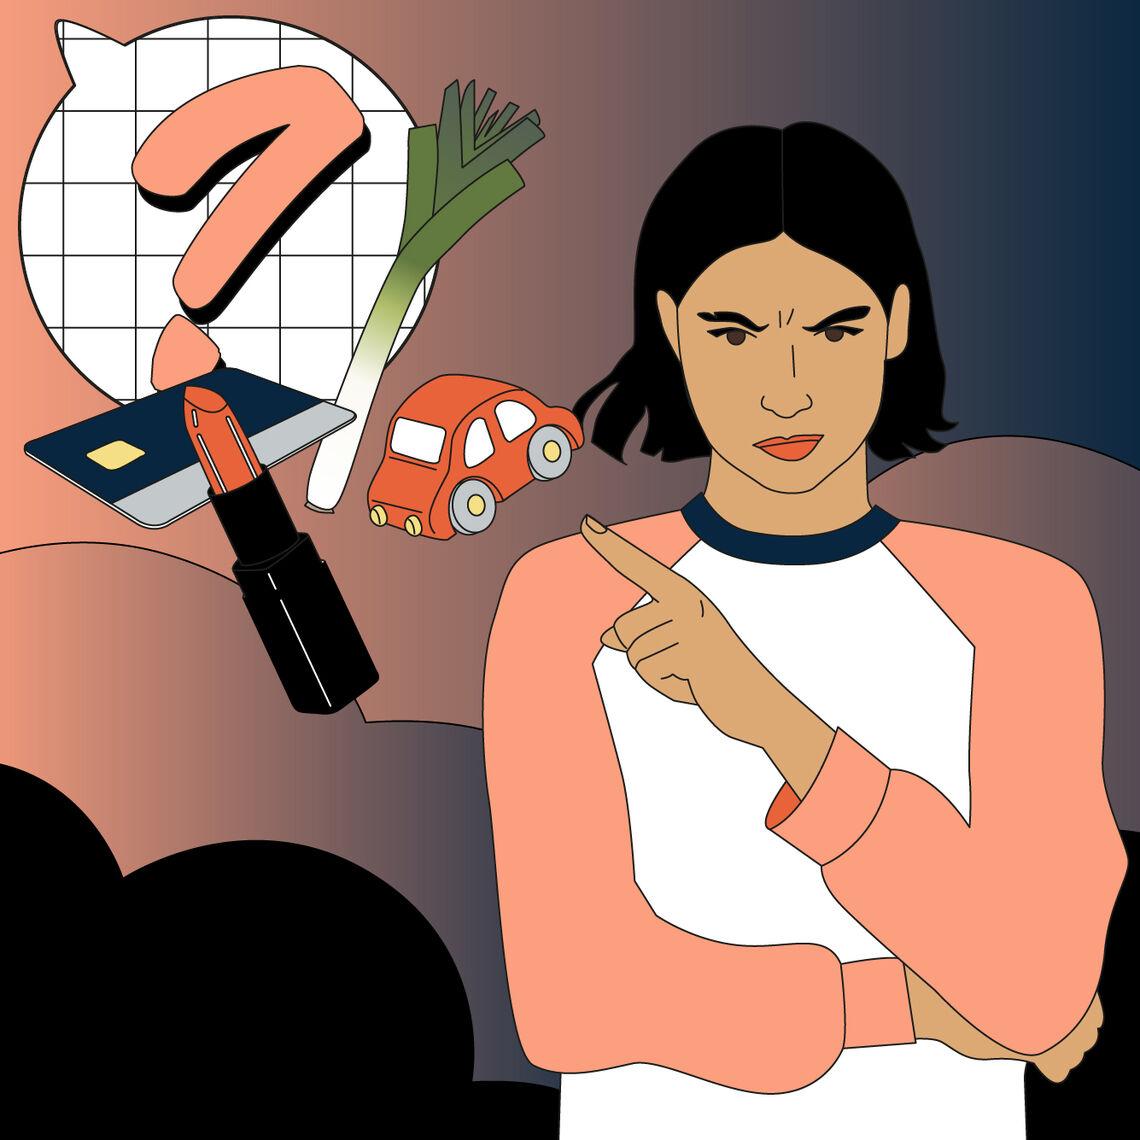 querfragefrauen klischees cover